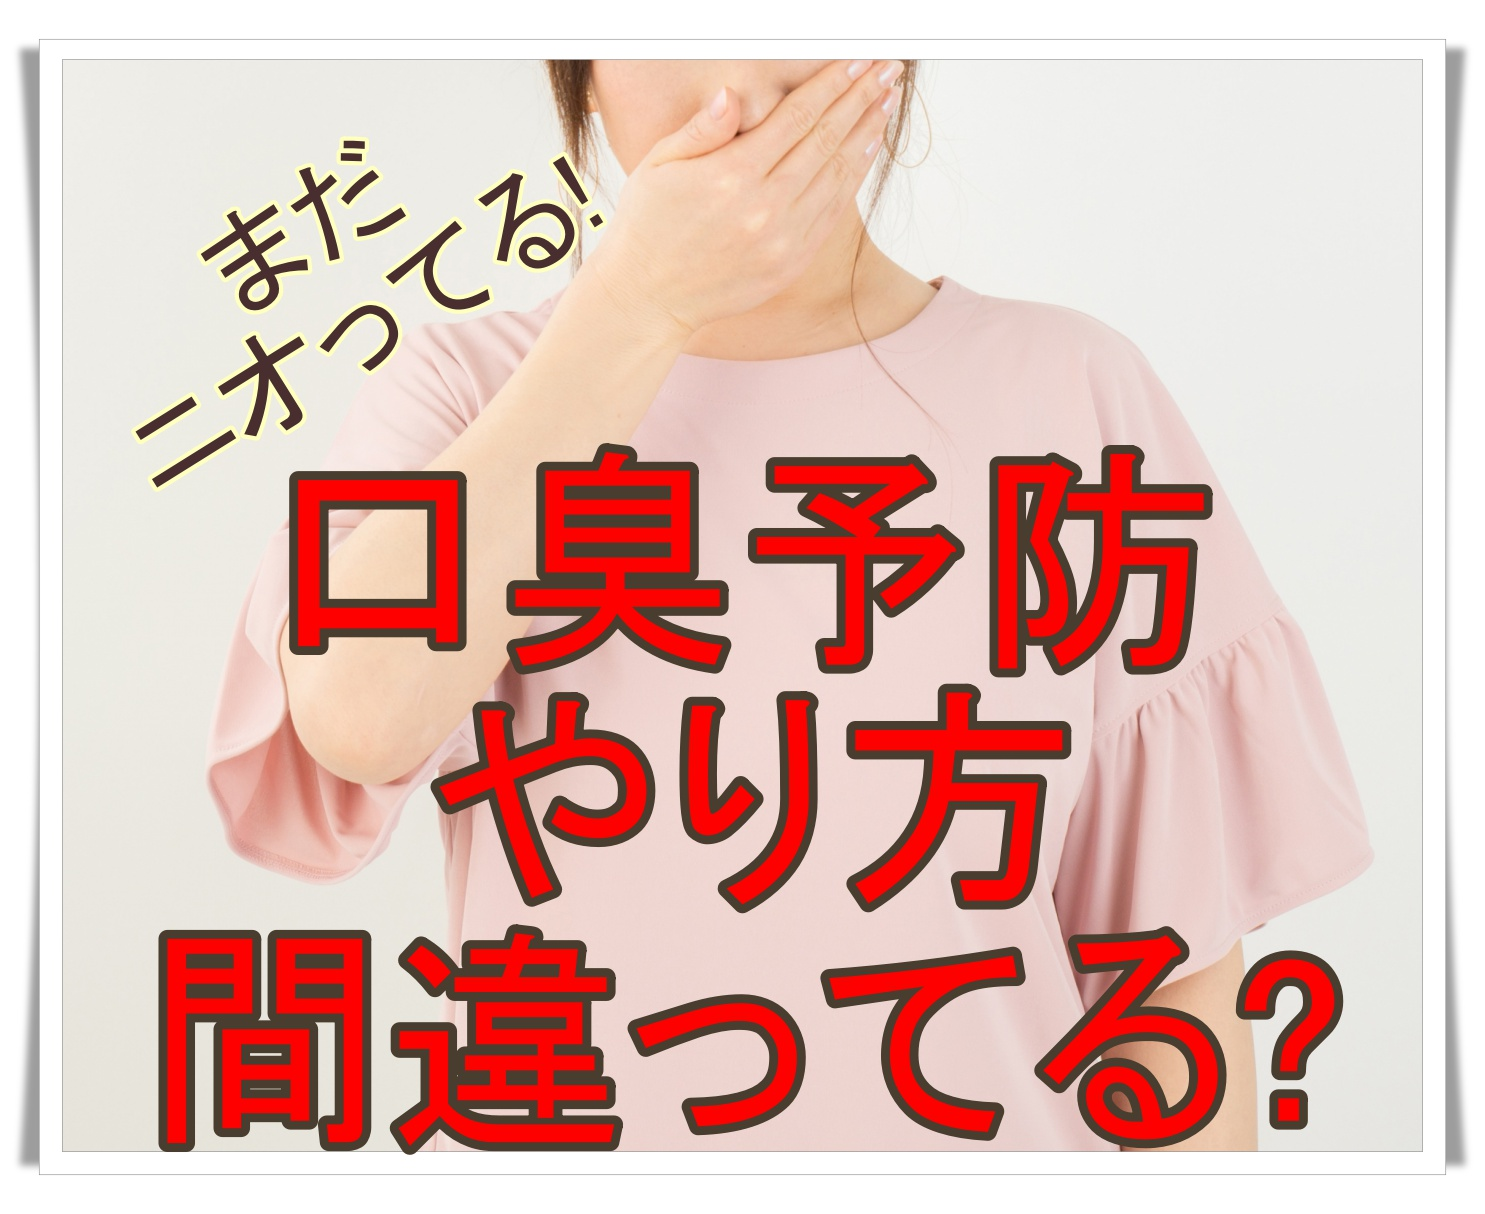 頑固な口臭を撃退 優先順位が大事 おすすめの口臭予防